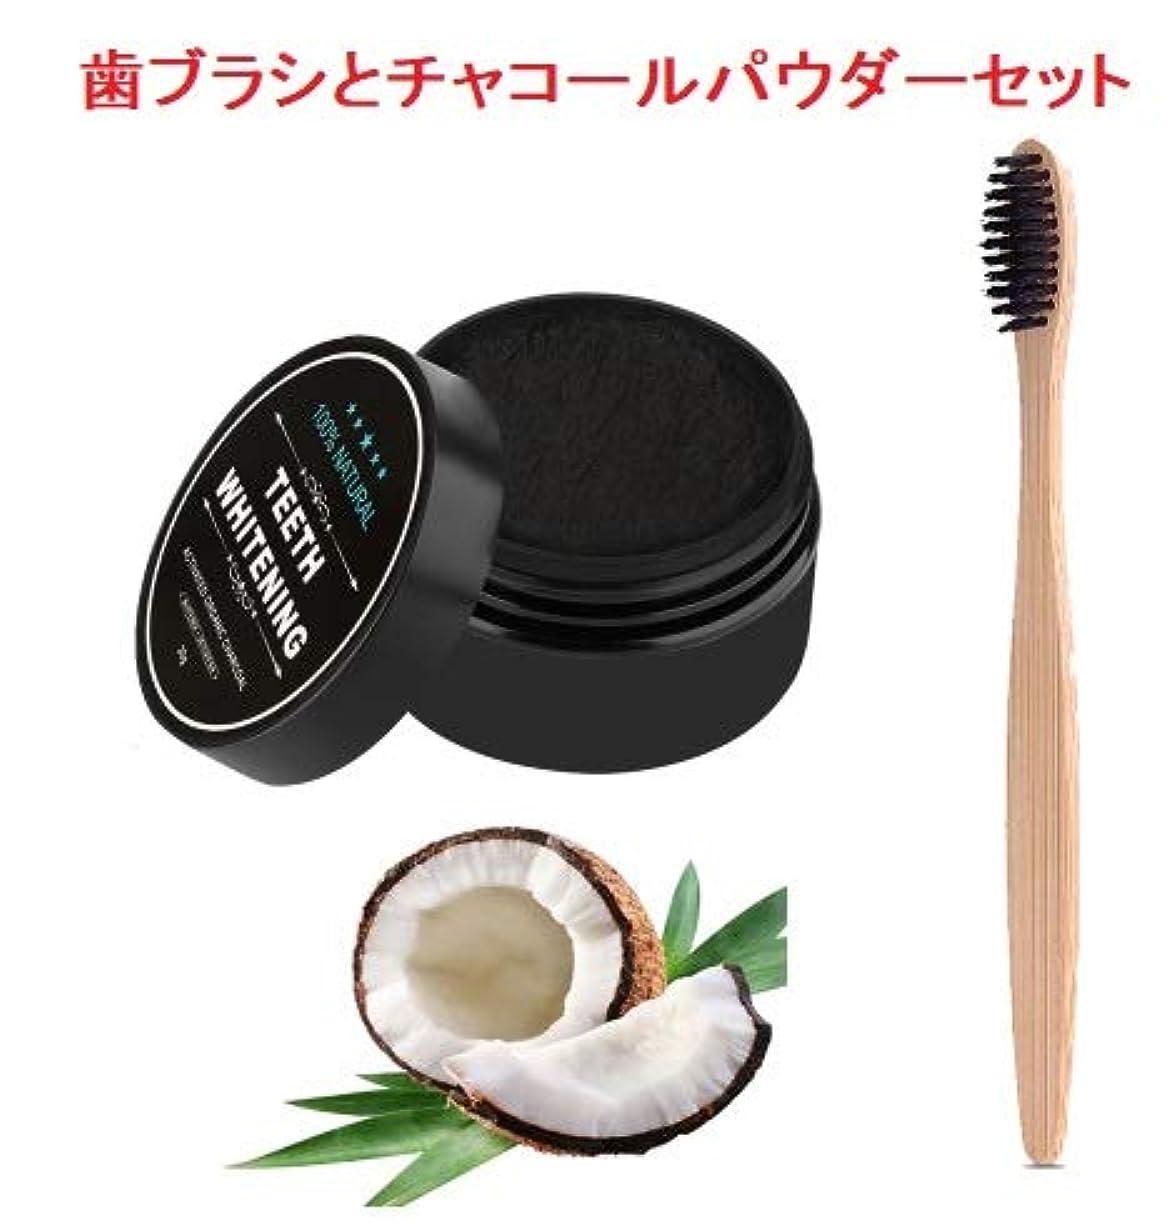 背が高い経済的彼女自身Izmirli Bamboo Charcoal and Wooden Toothbrush Set - Izmirli竹炭と木製の歯ブラシセット